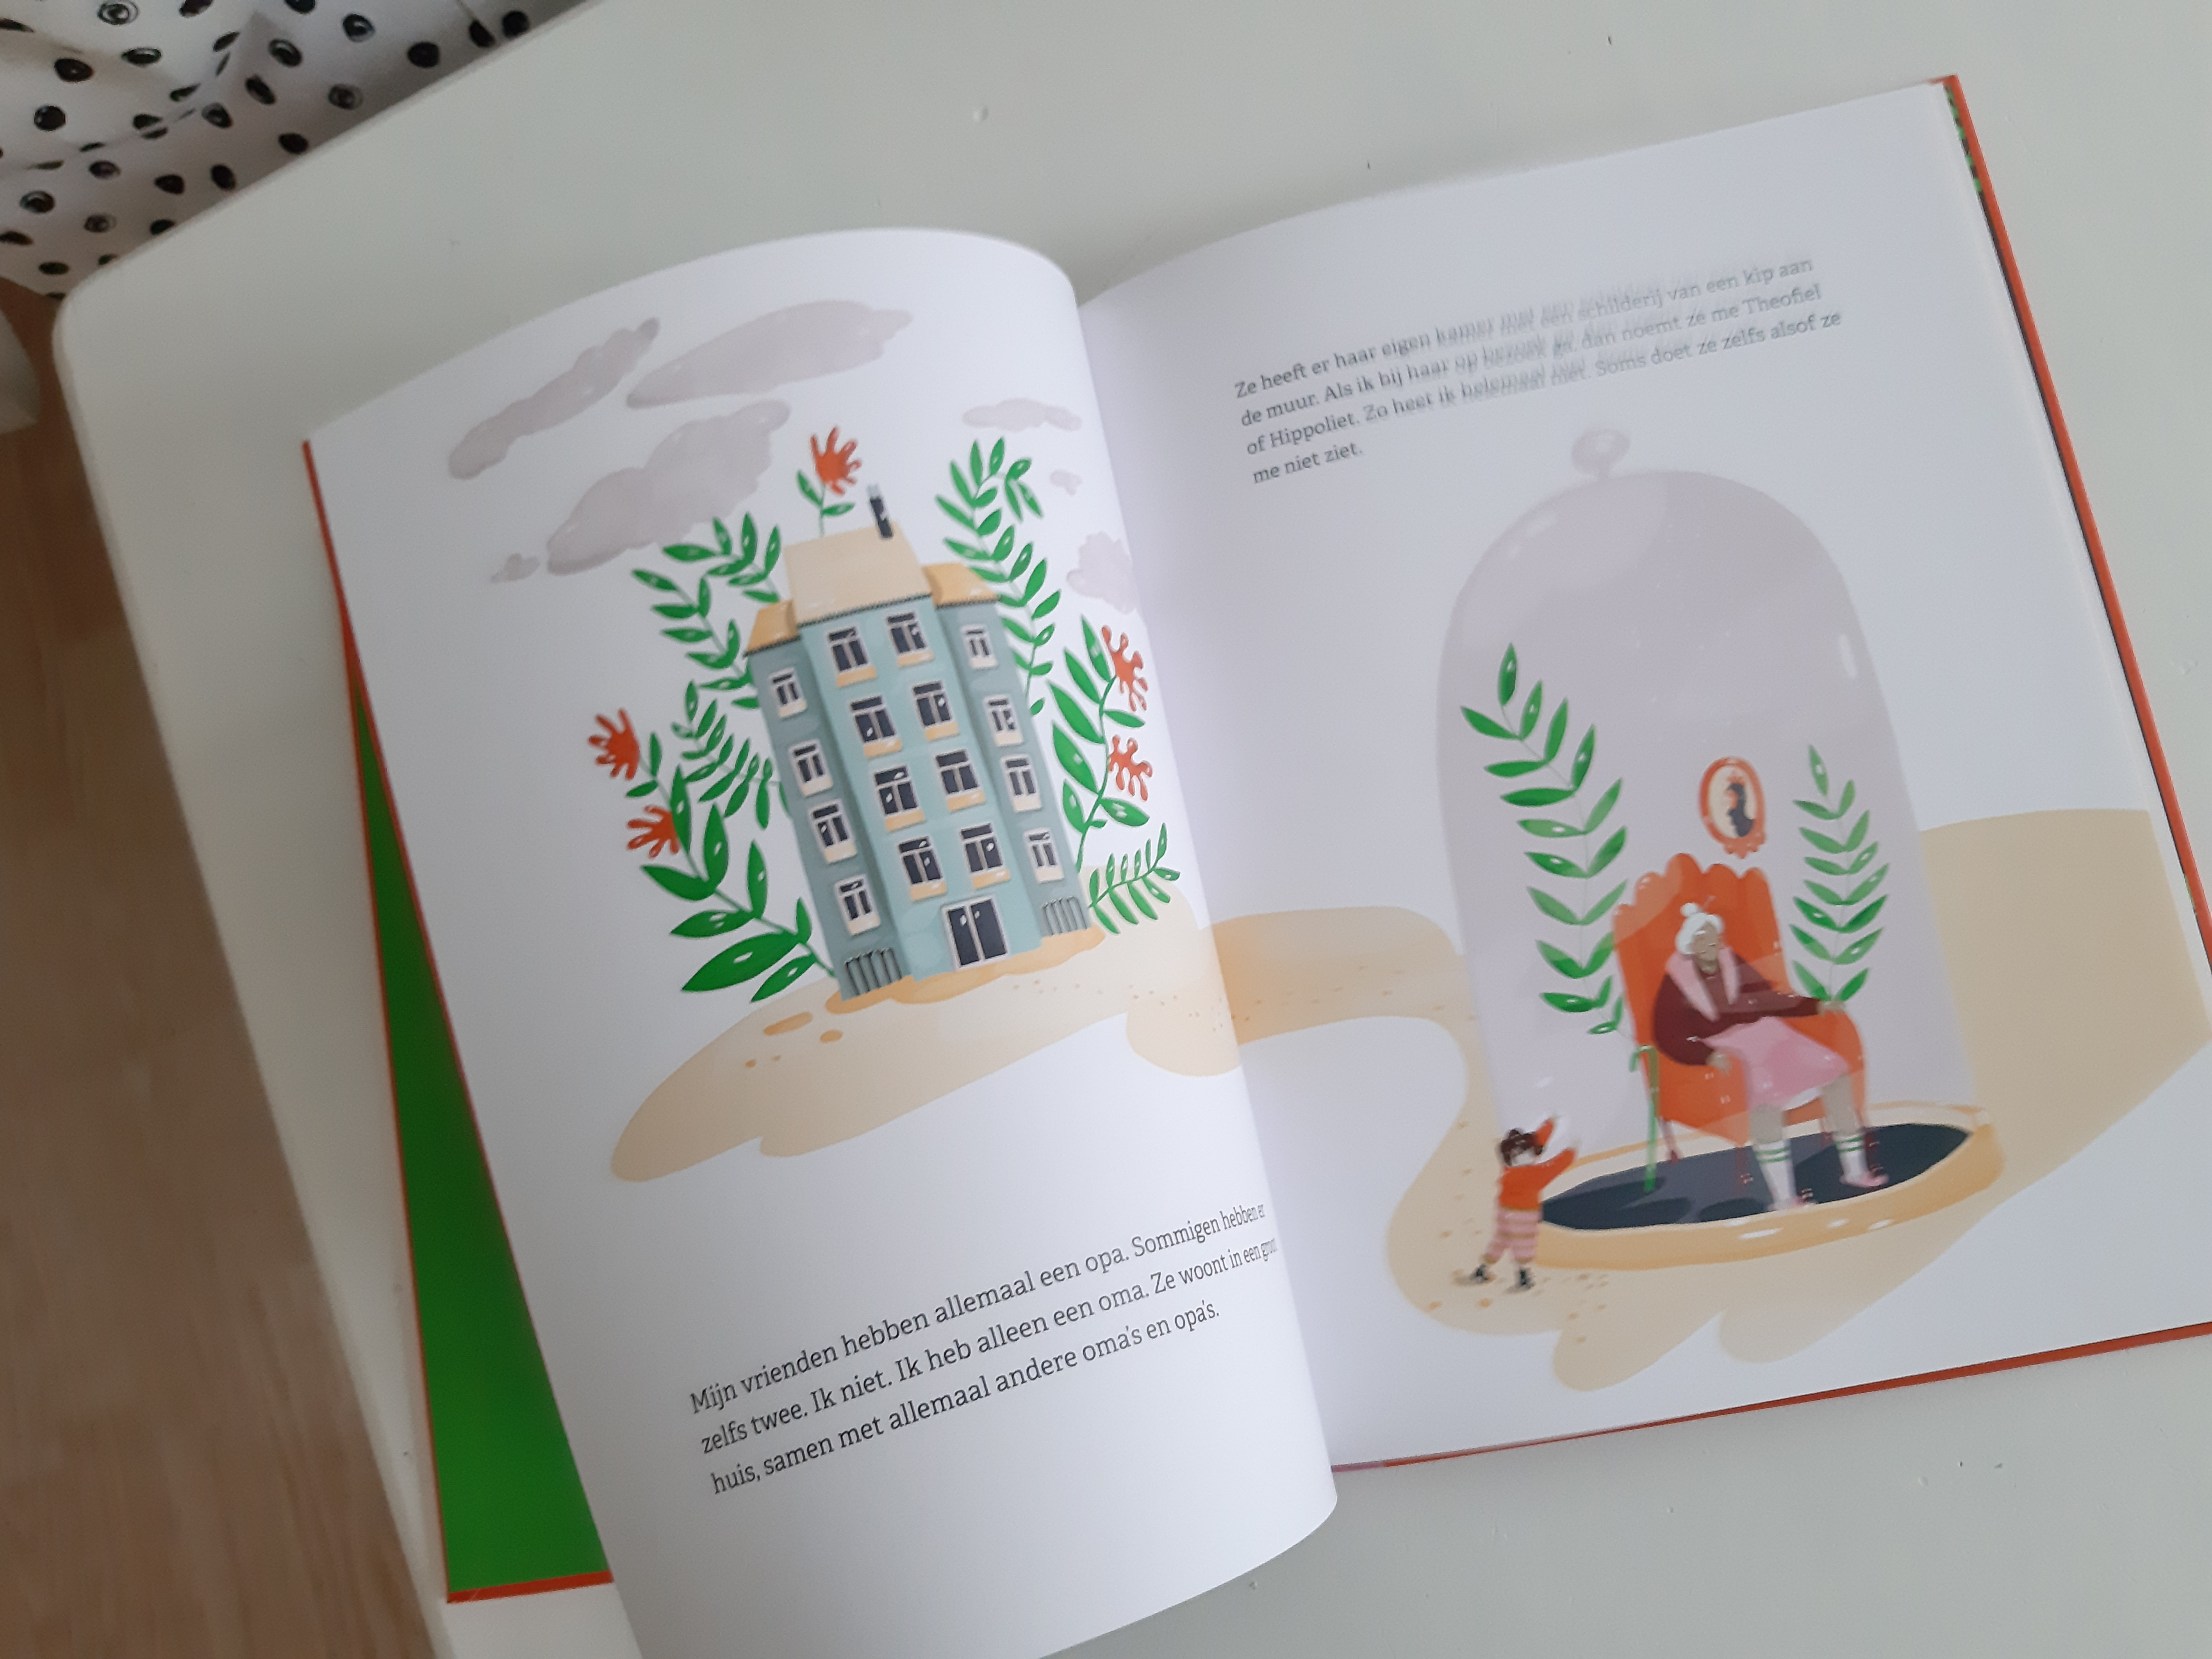 kinderboeken recensie moedersnu moedertjelief zulutions ik verzamel opa's1